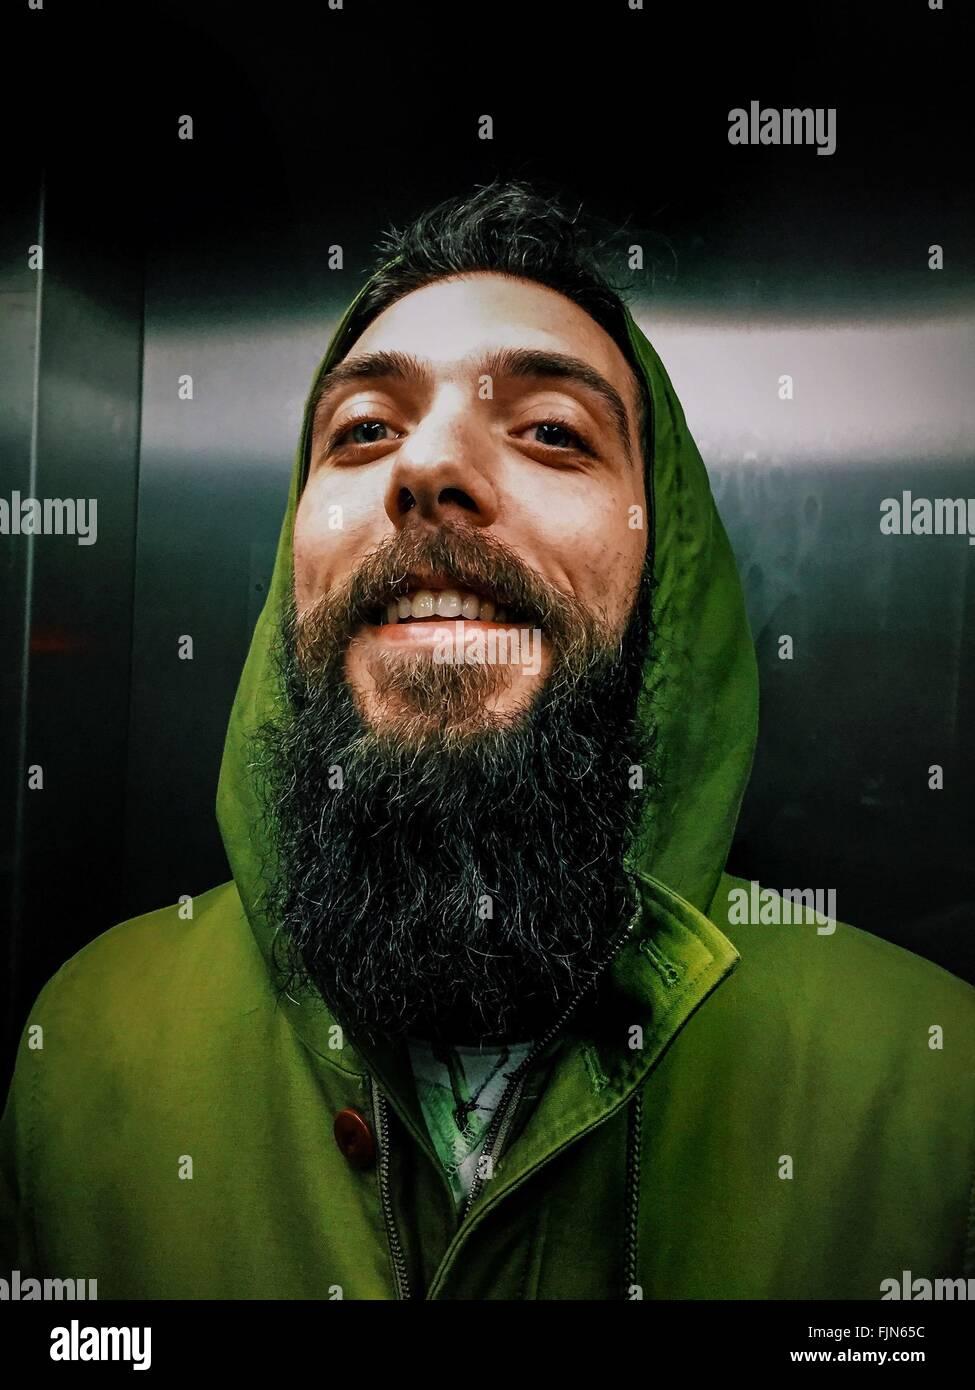 Fröhliche Jüngling mit langen Bart In Aufzug Stockbild